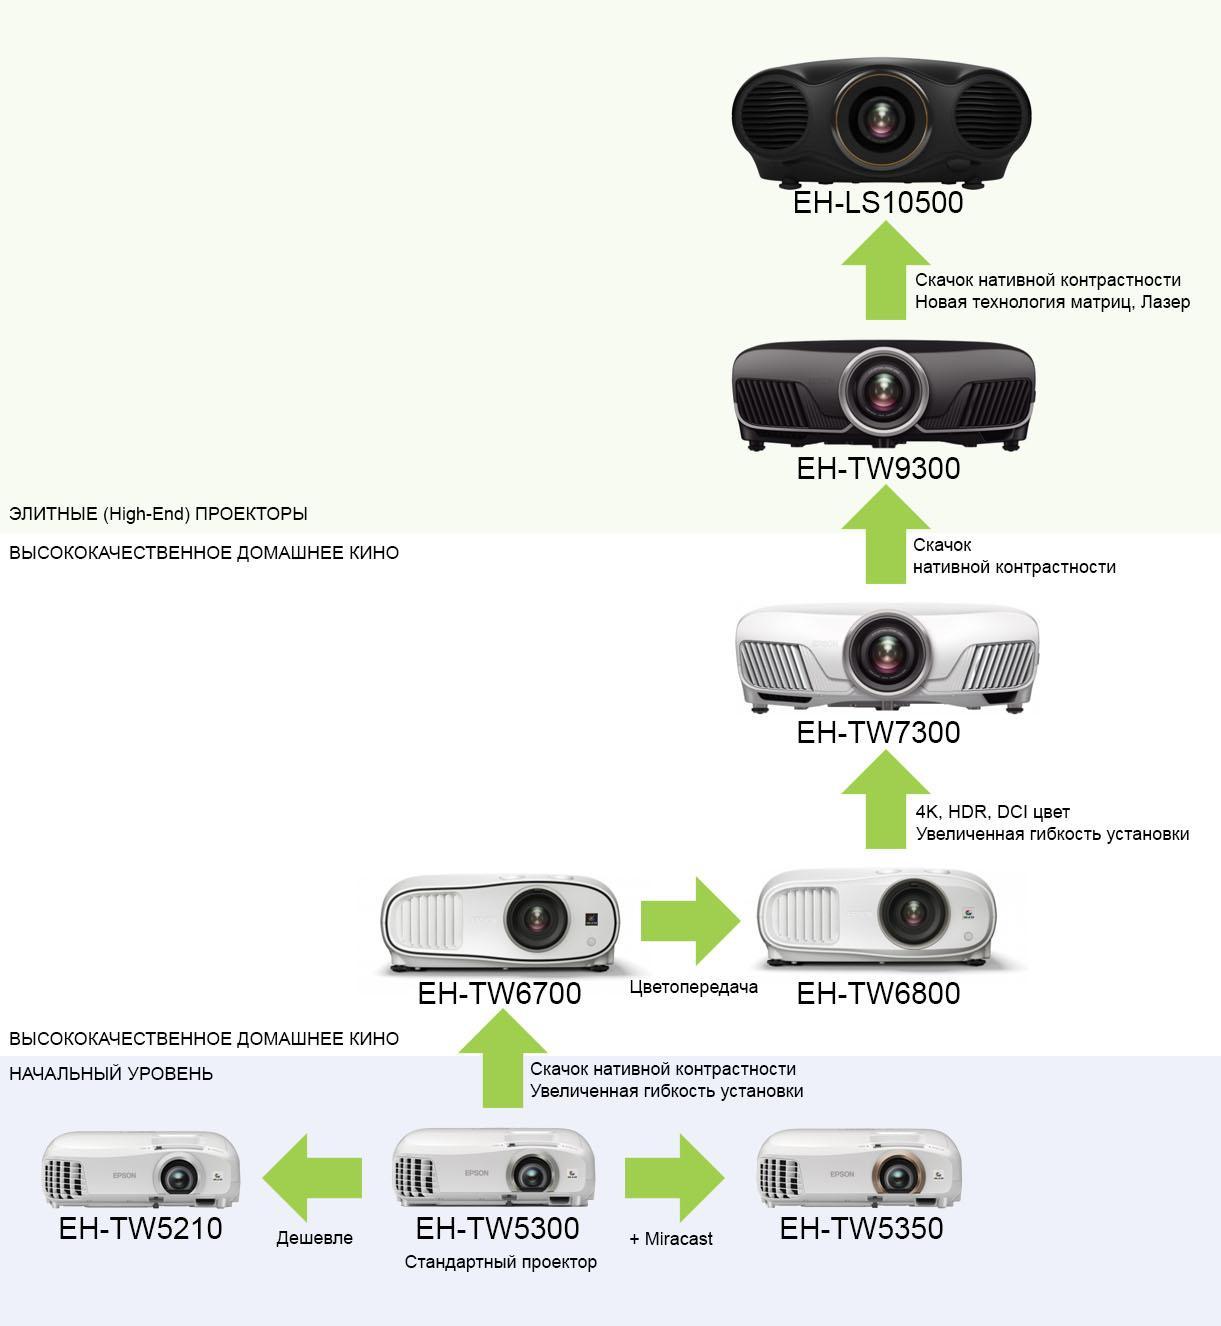 Как выбрать проектор для дома? Обзор линейки домашних проекторов Epson 2017 года - 3